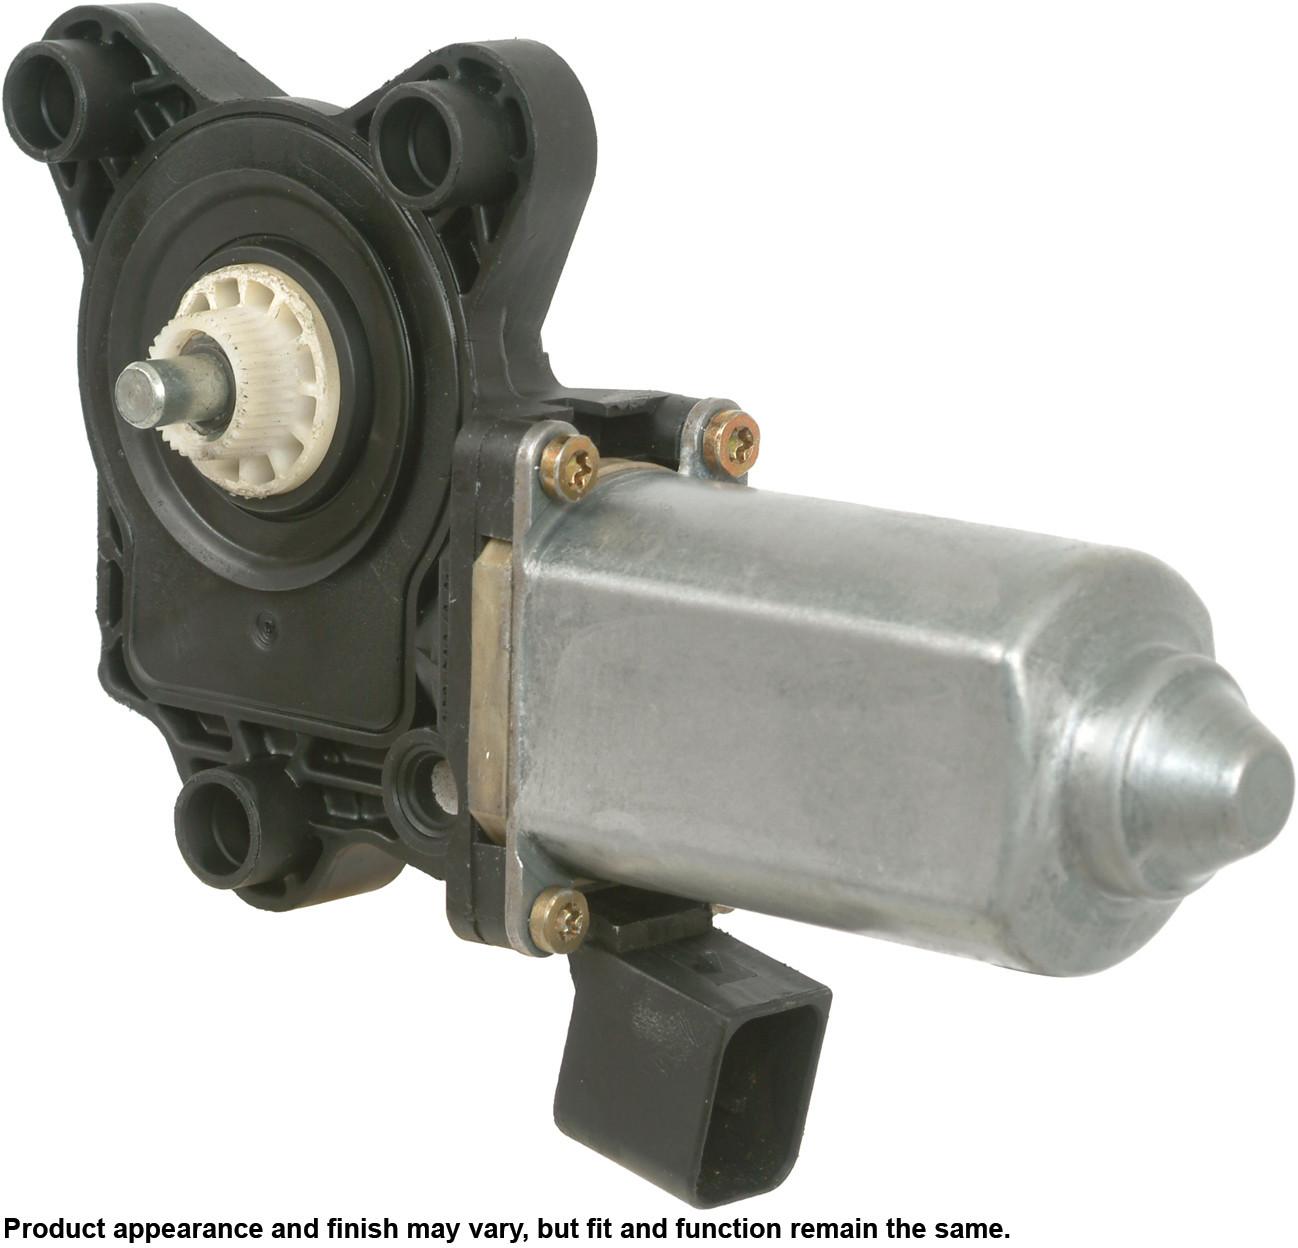 Imagen de Motor de Ventana eléctrica para Mercedes-Benz S500 2000 Mercedes-Benz SL500 2005 Marca CARDONE Remanufacturado Número de Parte 47-3424